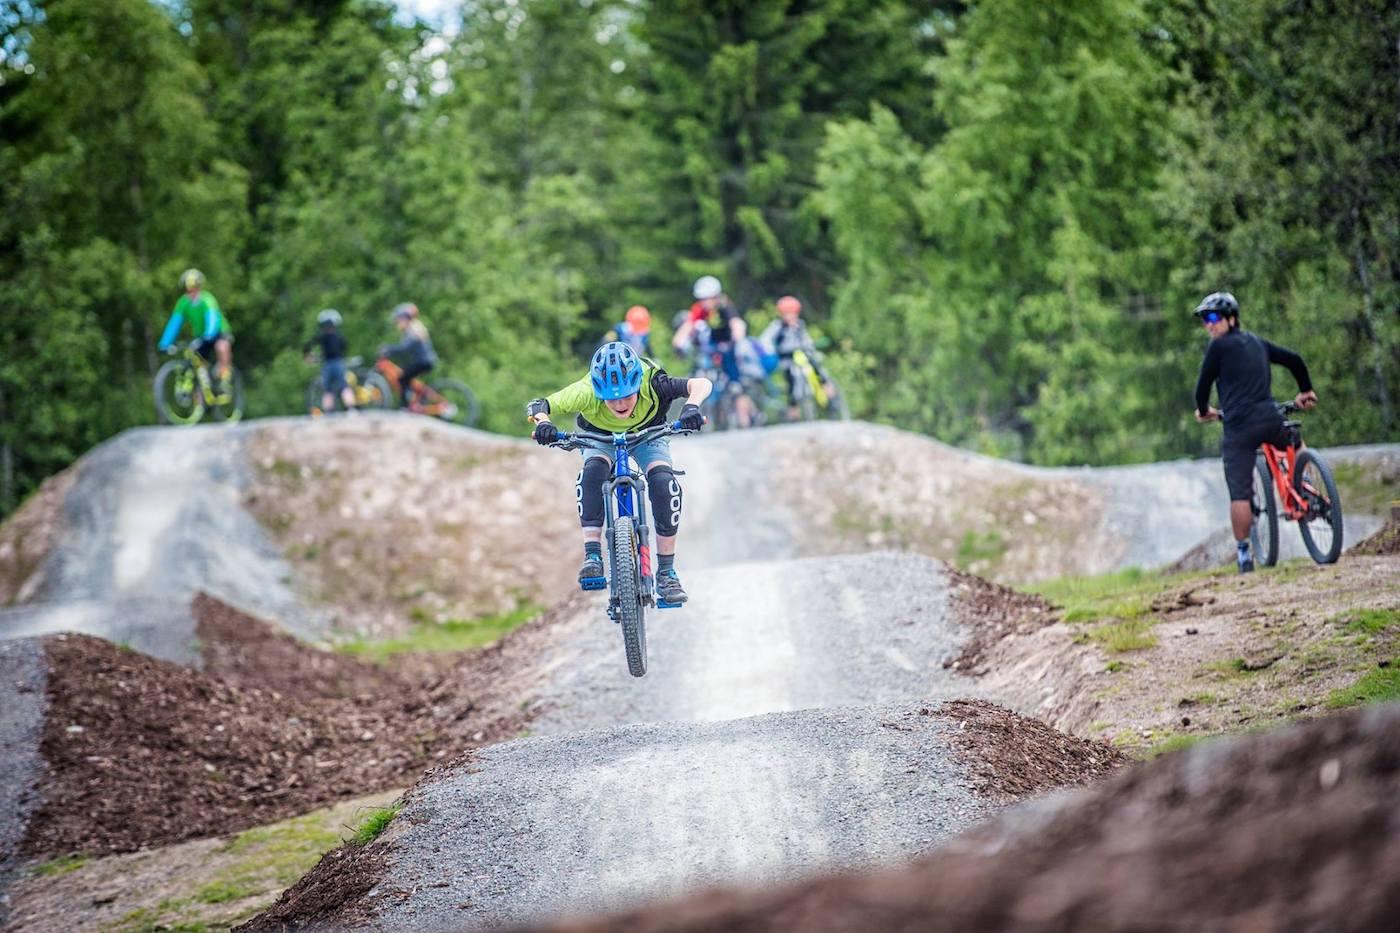 Det ble syklet mye i Trysil under ungdomscampen. Foto: Terrengsykkel Ungdomscamp